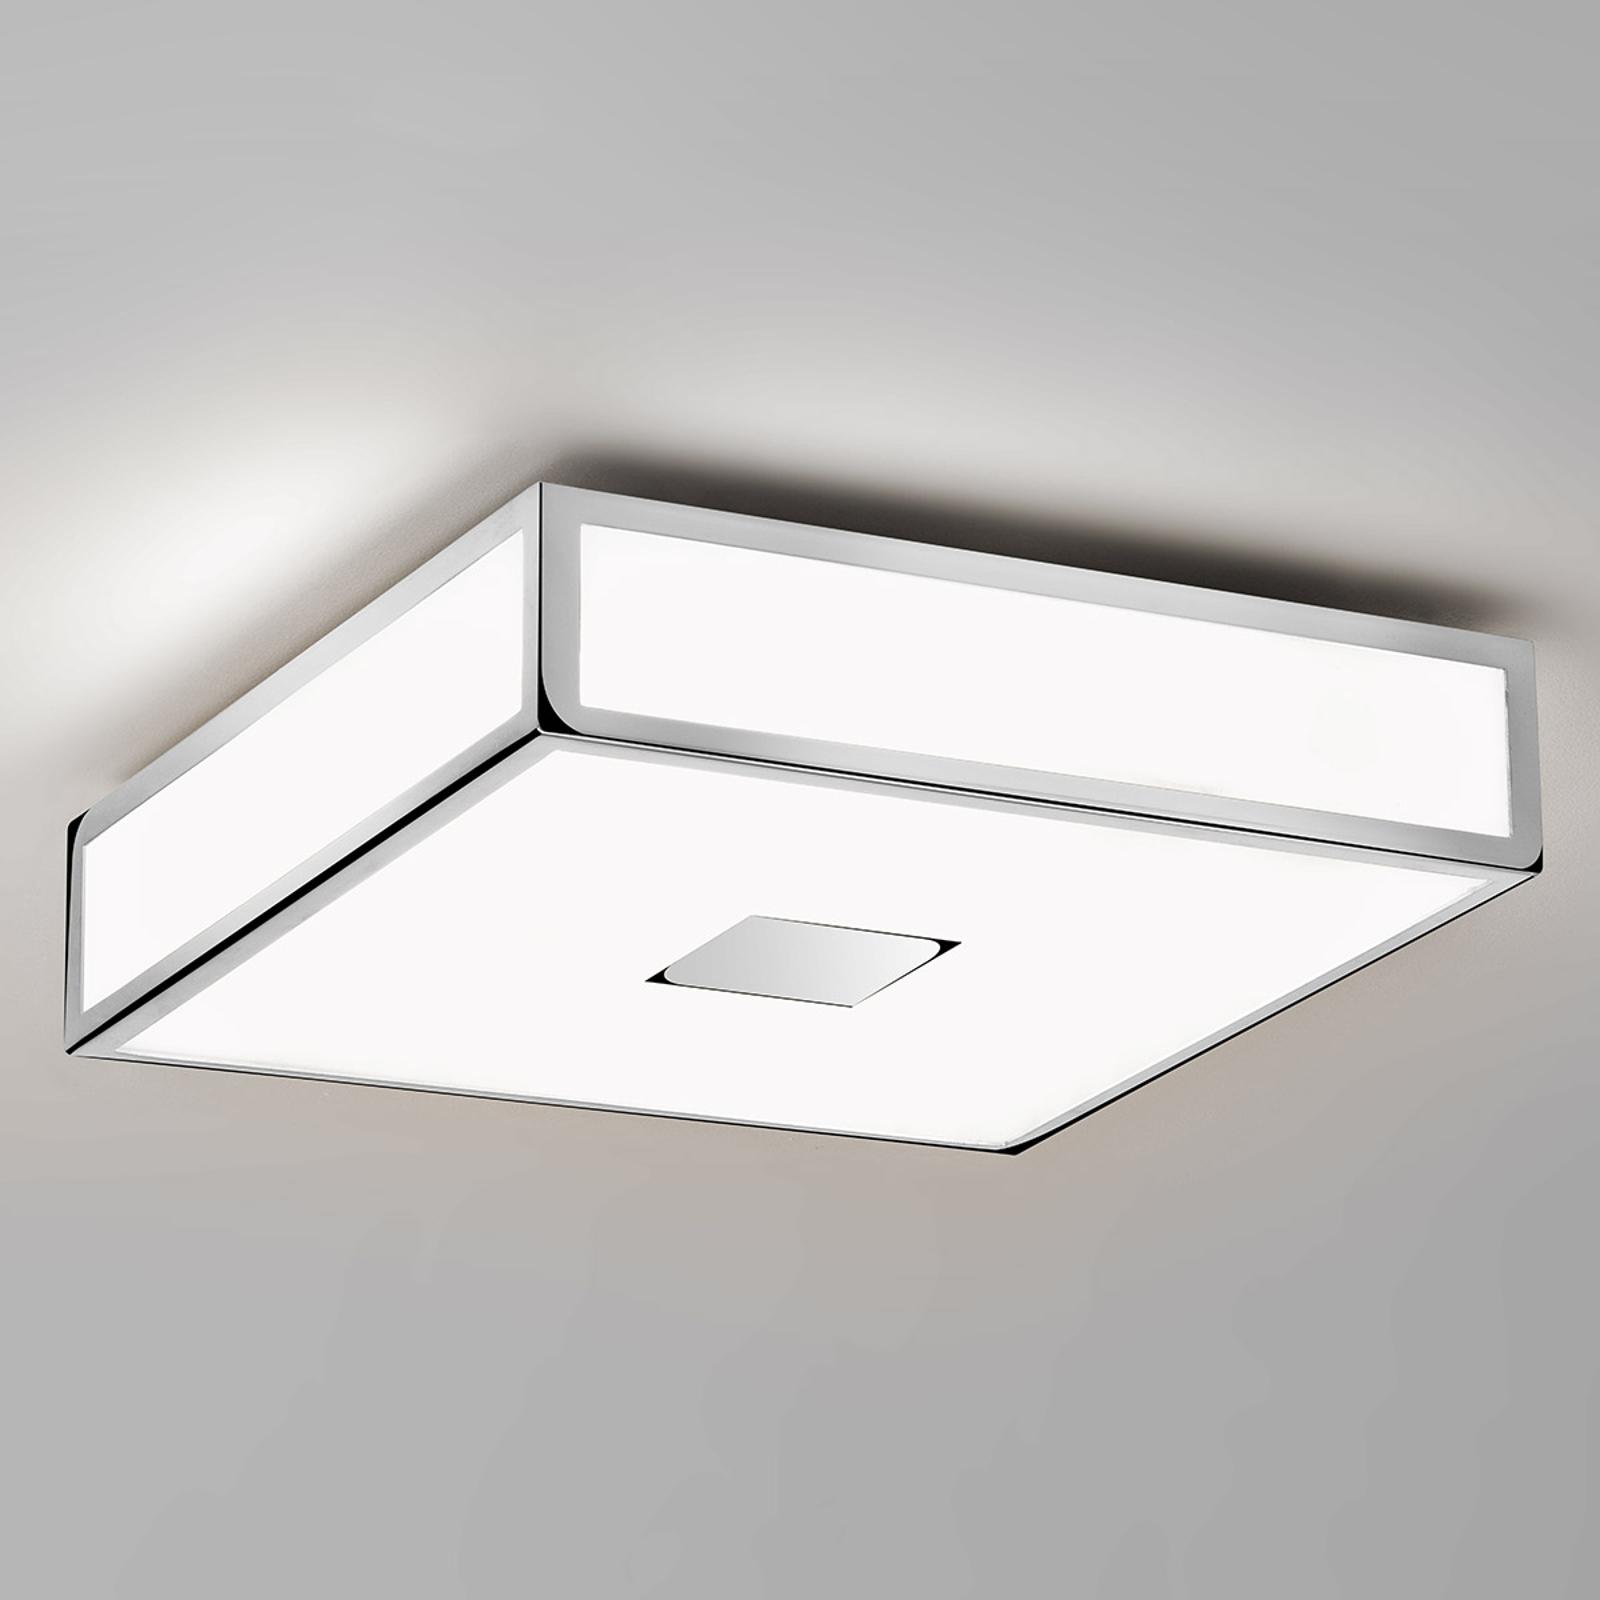 Modern taklampa Mashiko för badrummet 30 cm